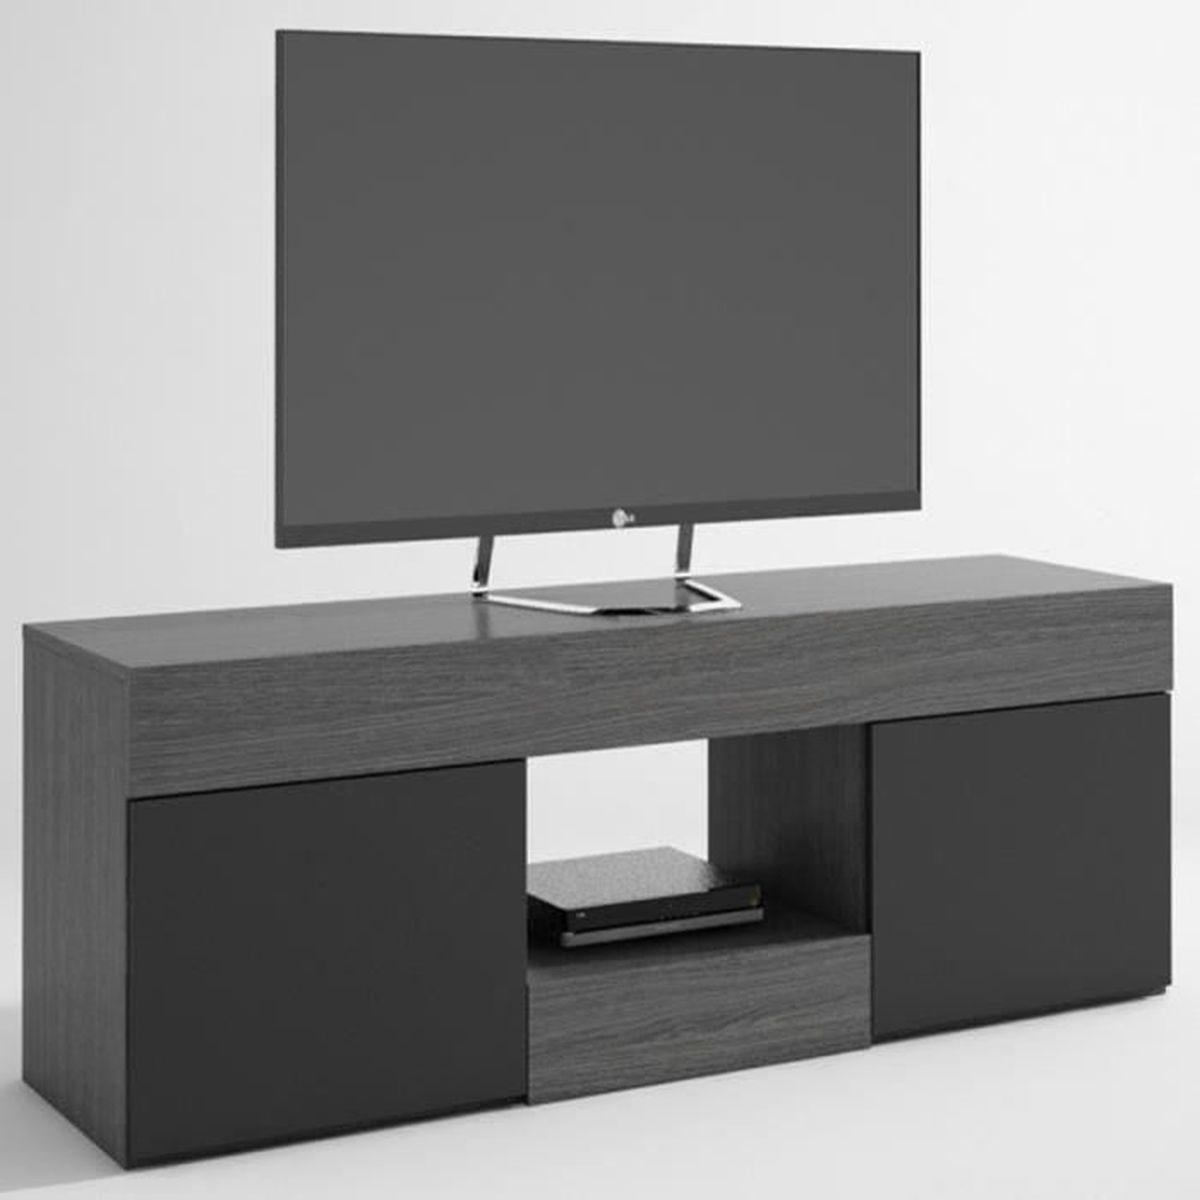 Meuble tv nylon avec 2 portes coloris cendre et noir - Meuble tv avec porte ...